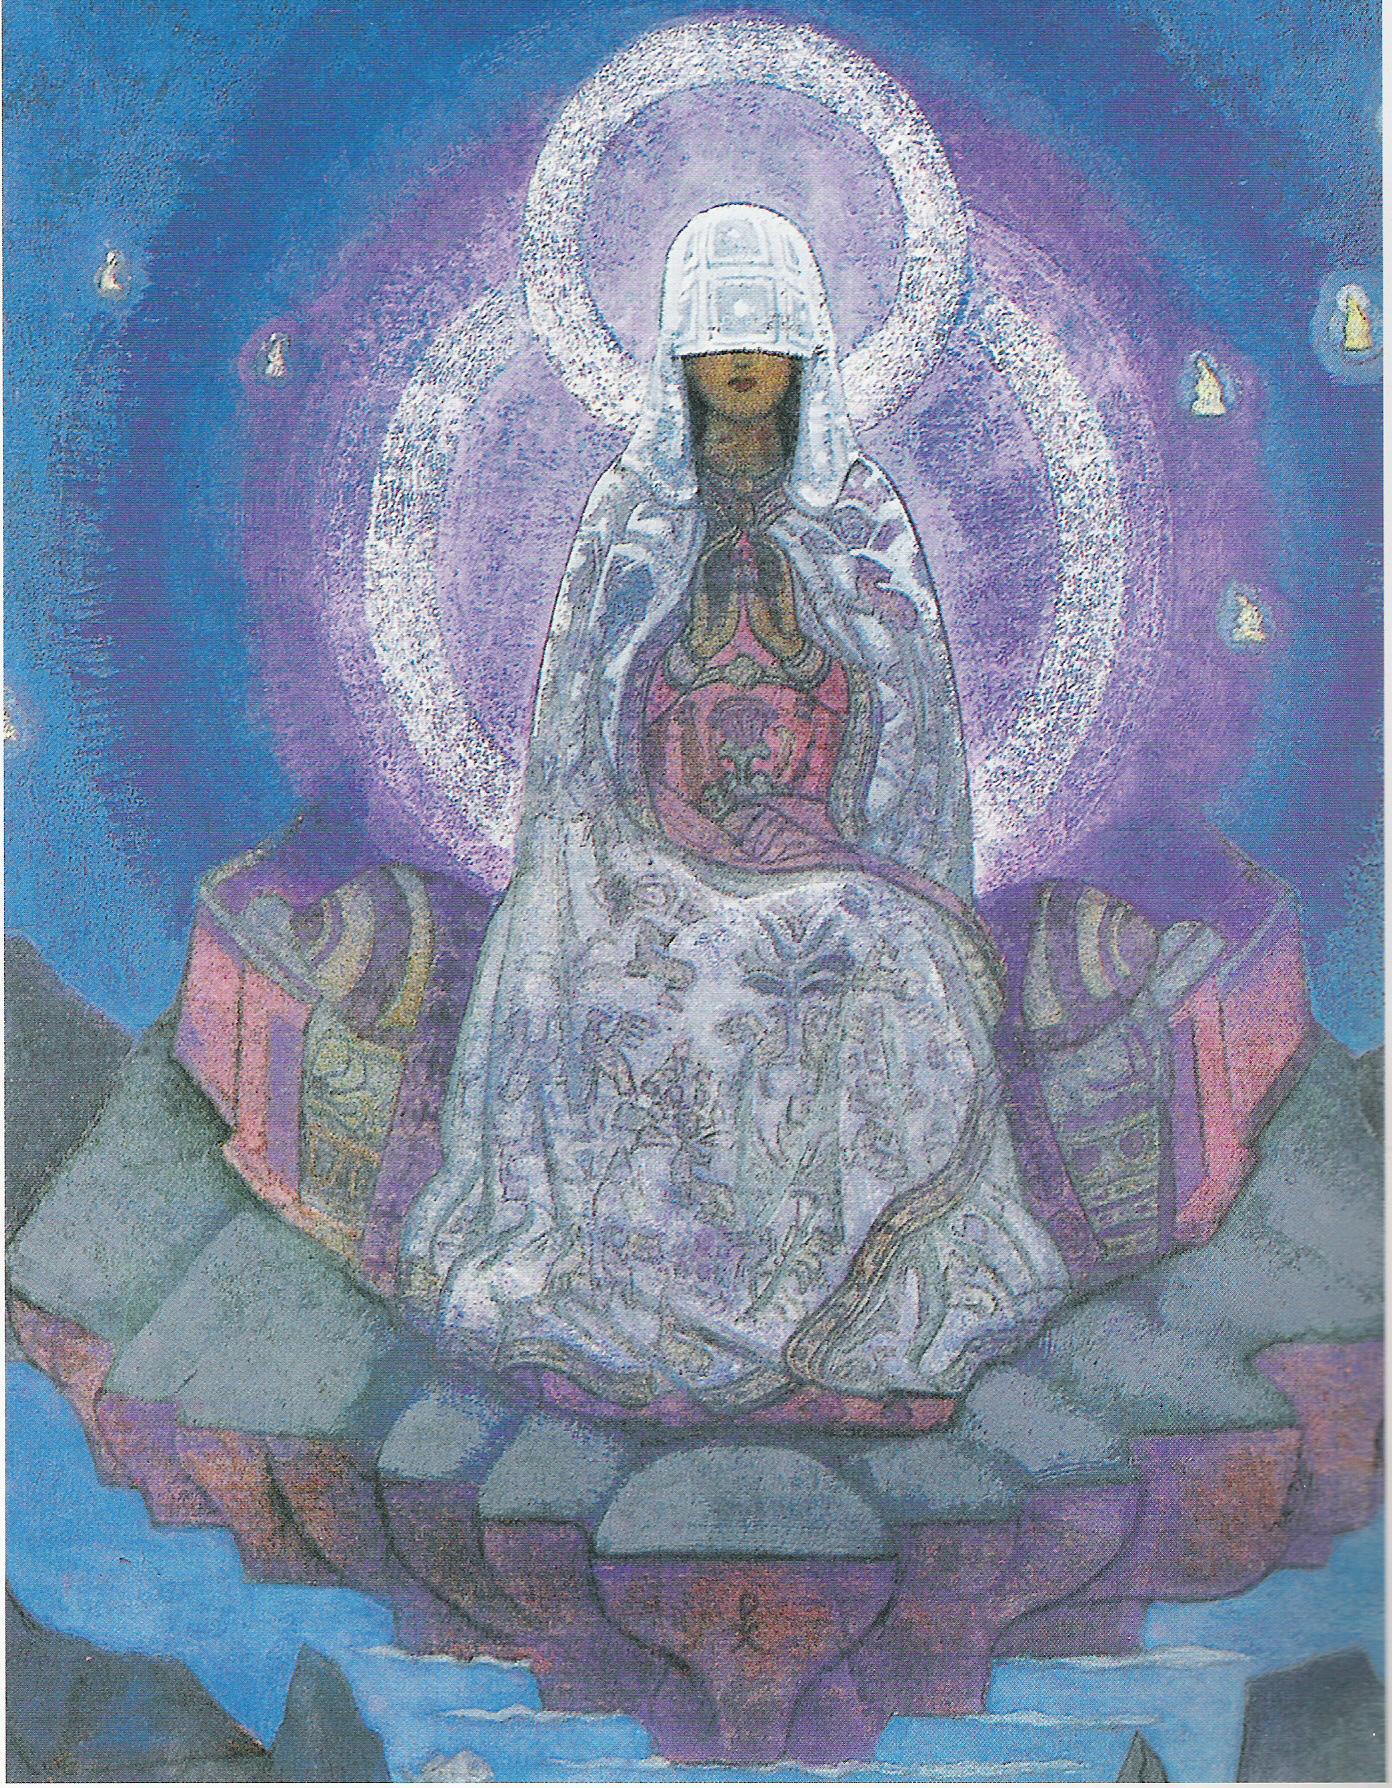 La Mère du Monde-année 1930-Détrempe sur toile-72,4x130,5cm-Musée Nicolas Roerich-New York